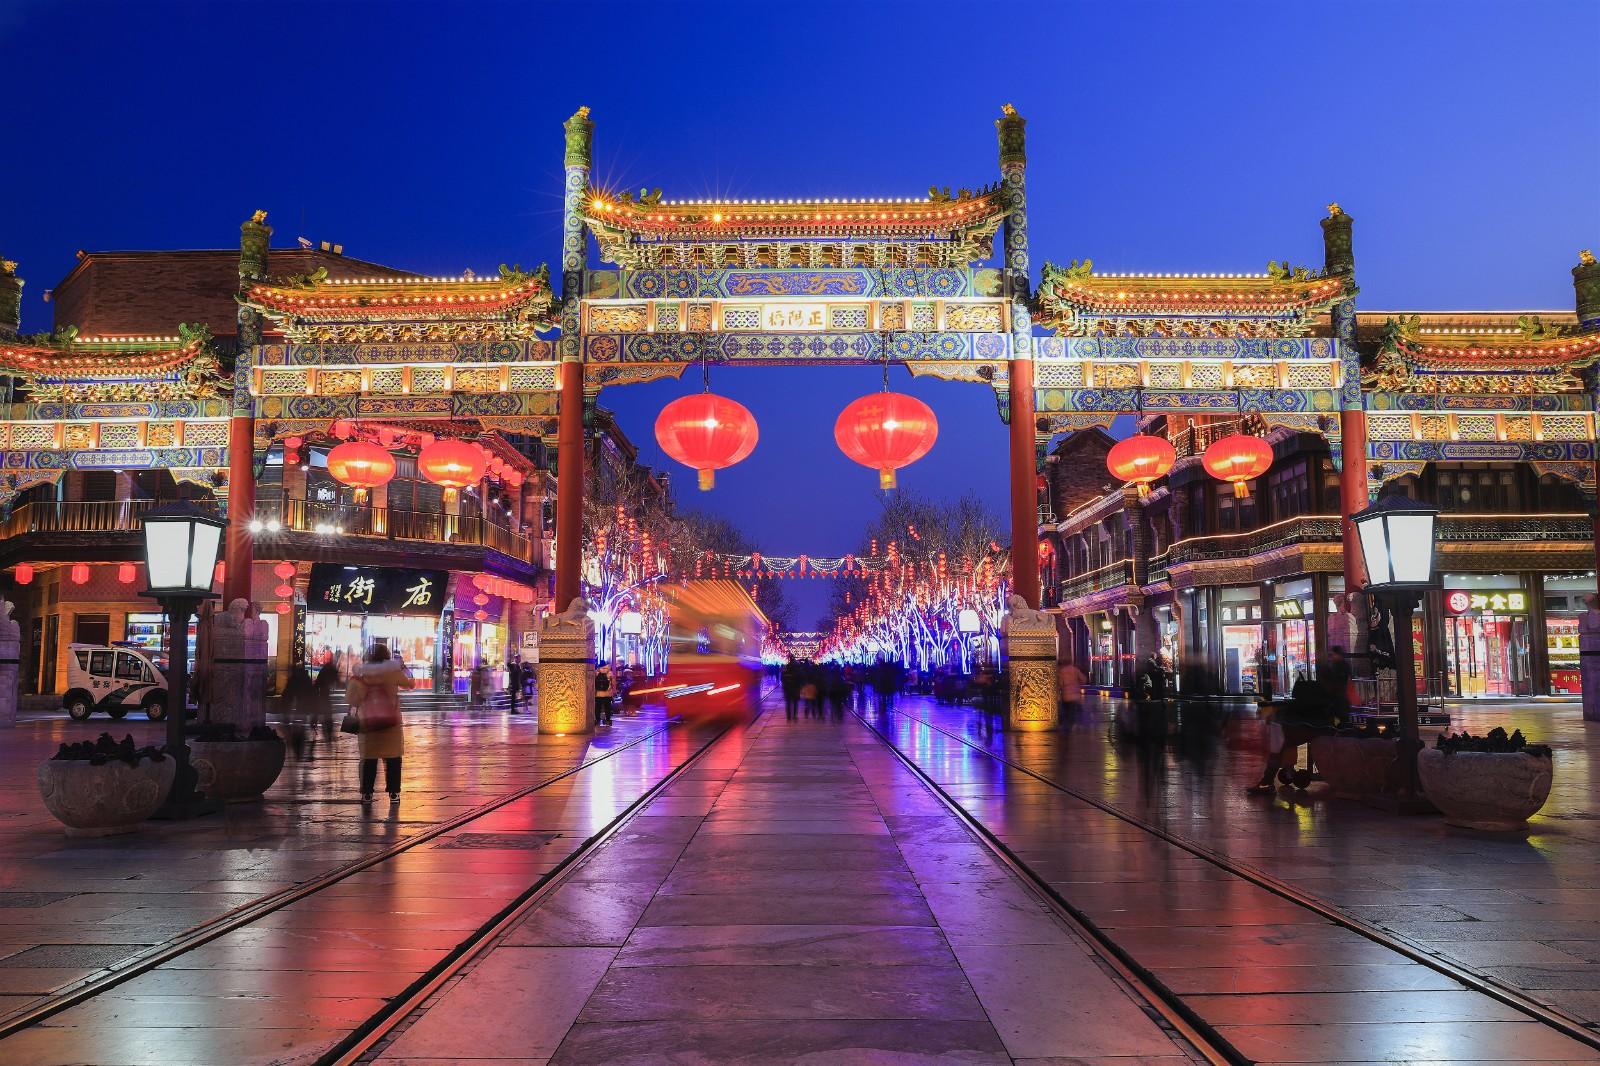 《节日之夜》  王越  13601098050      2020年1月30日拍摄于北京前门大街_副本.jpg